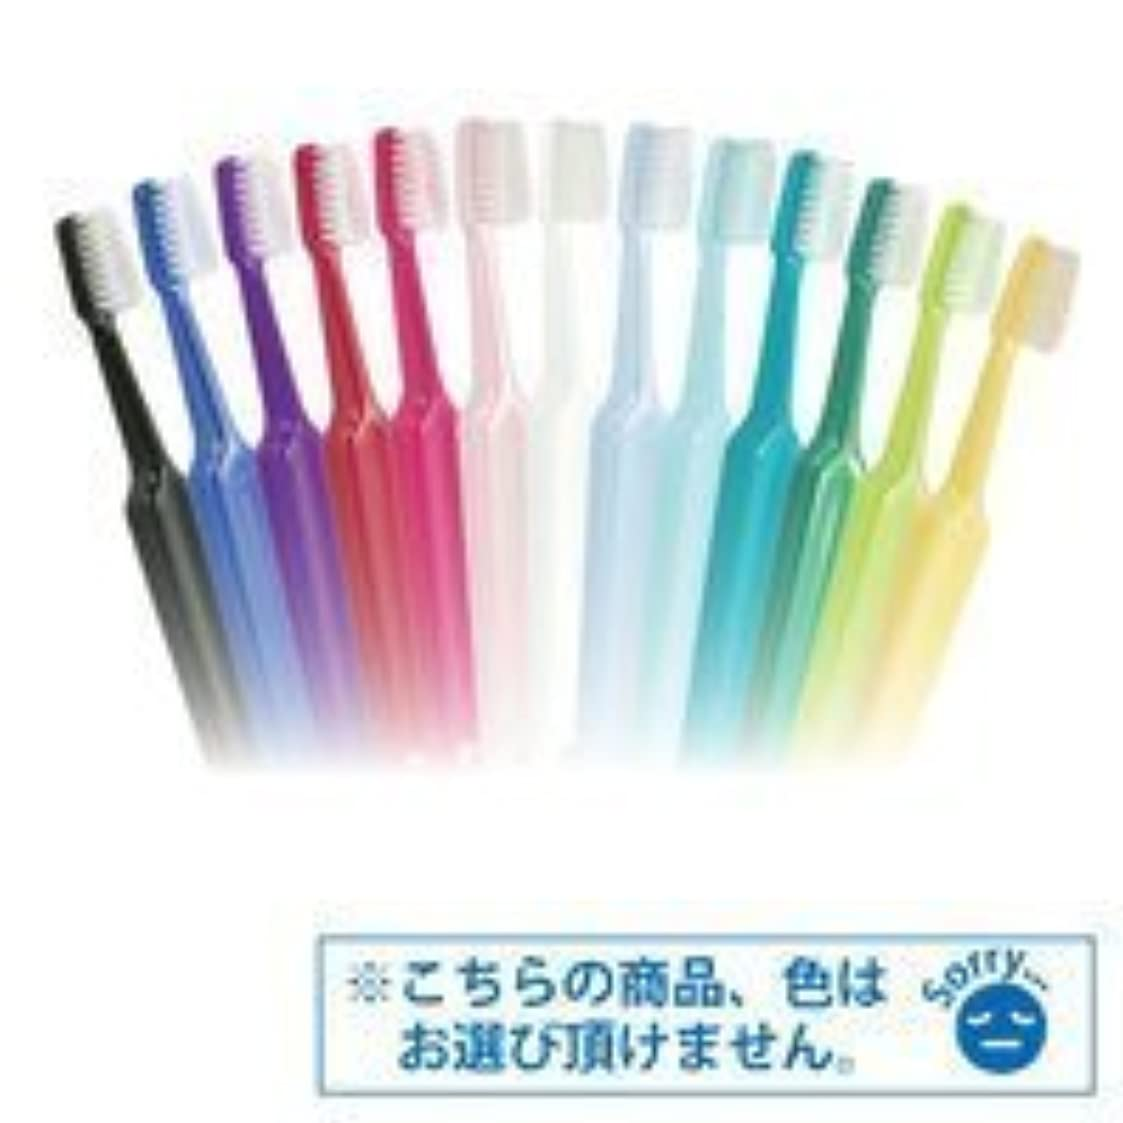 の間で絡み合い活気づくTepe歯ブラシ セレクトミニ/エクストラソフト 5本入り